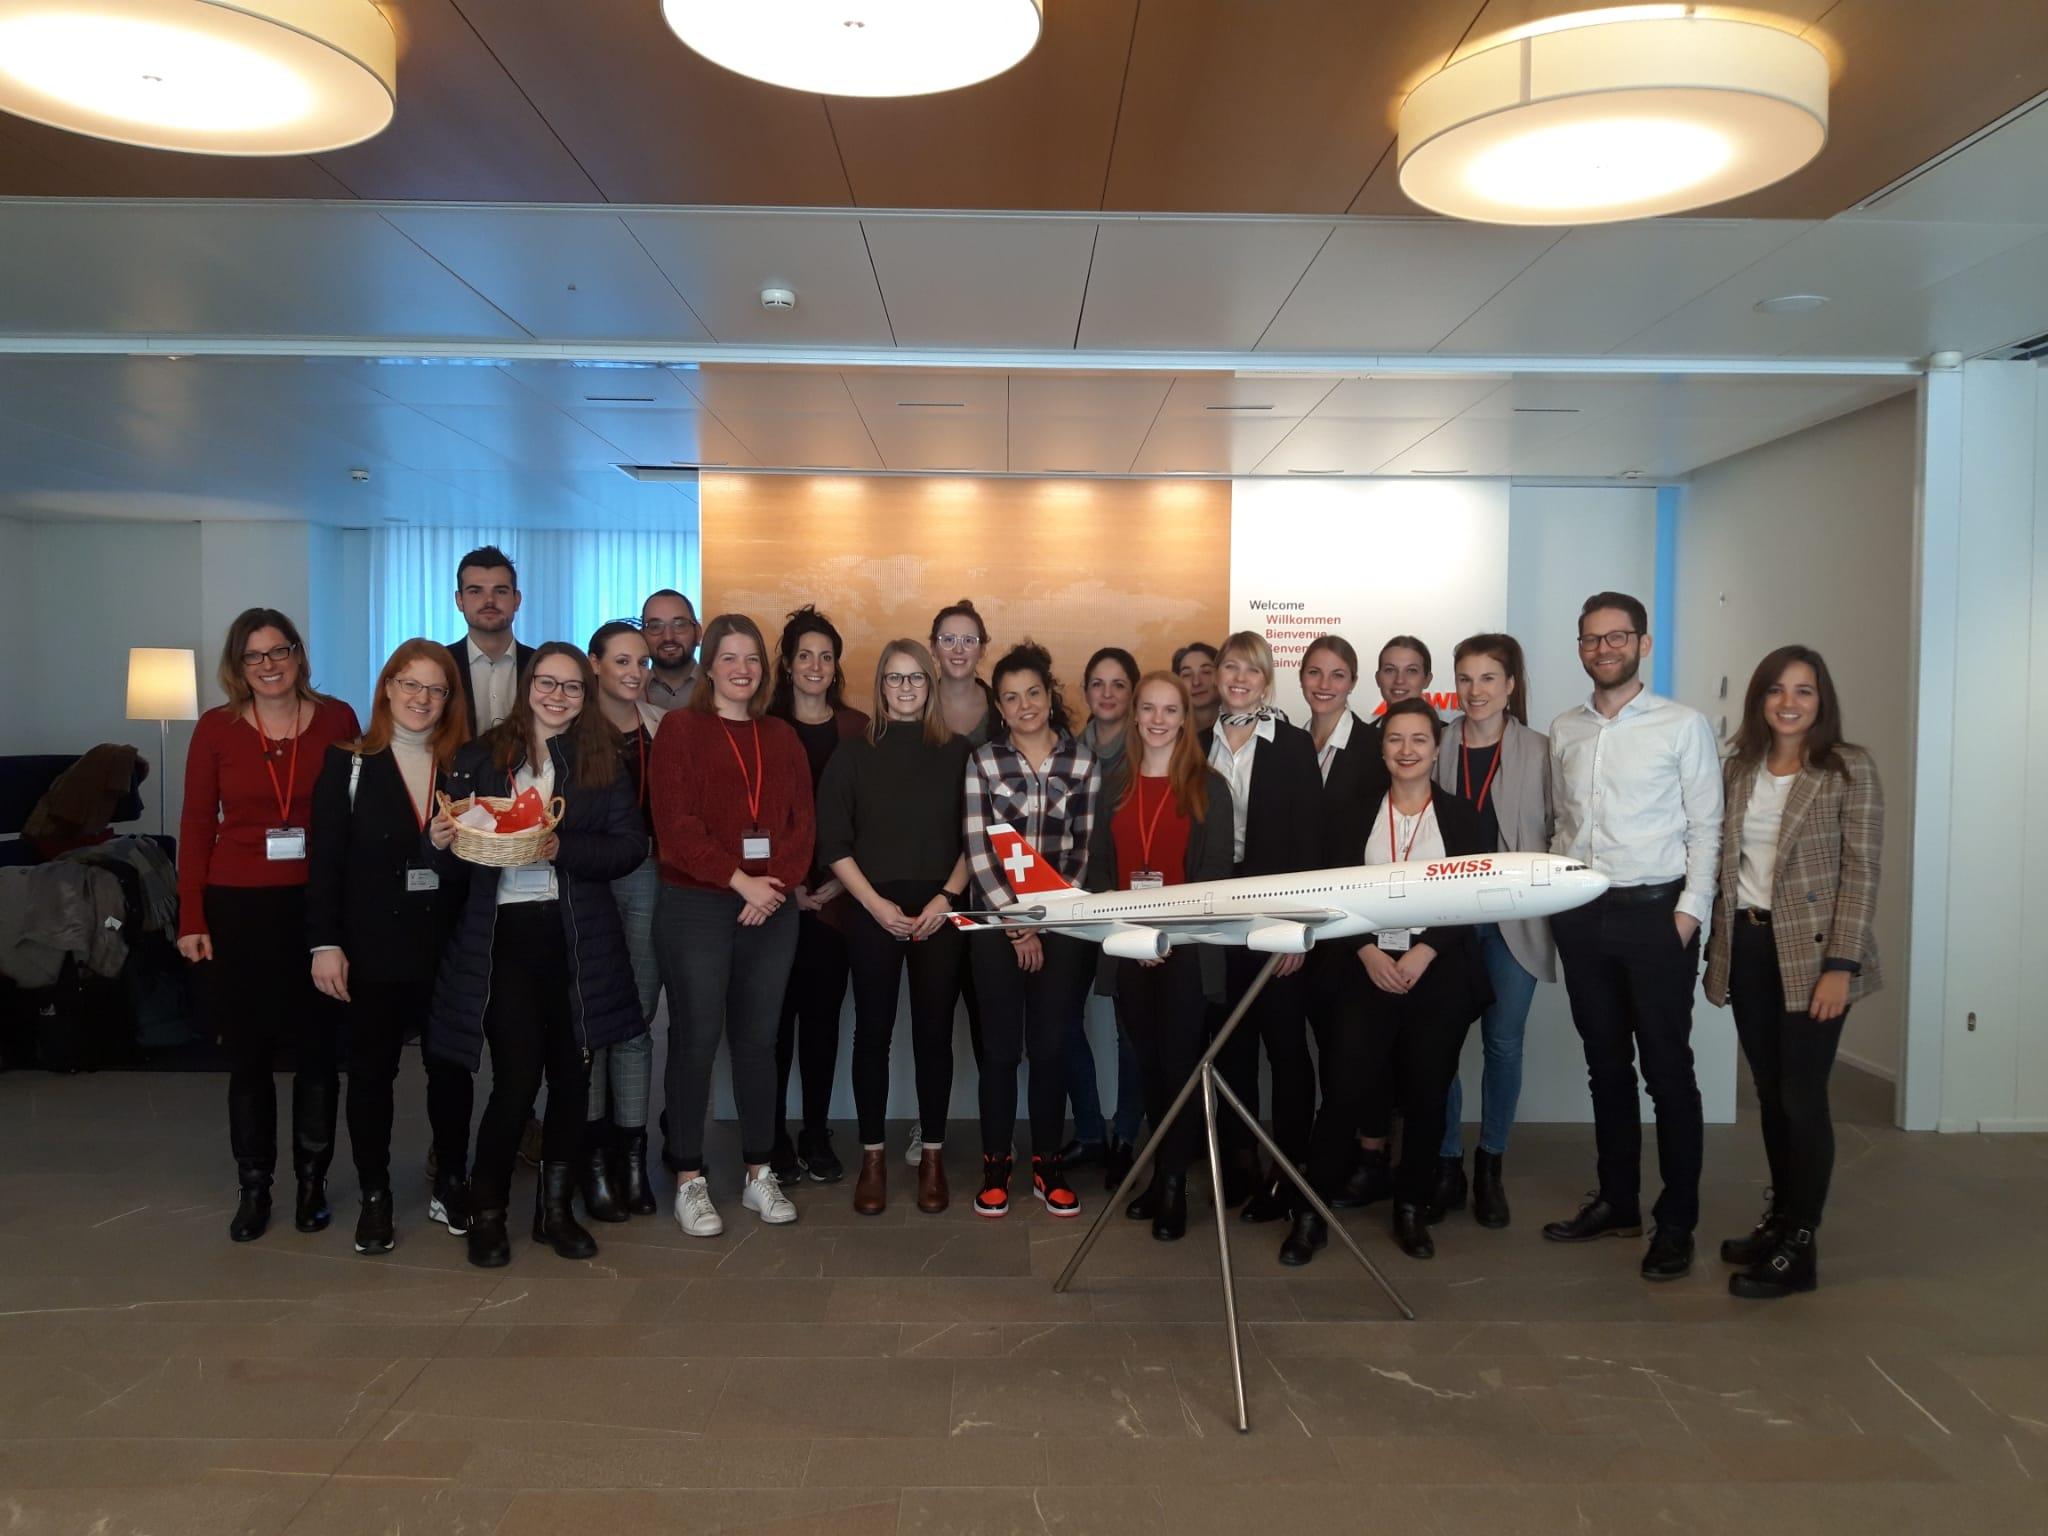 Gruppenfoto von Swiss-Mitarbeitern, darunter die Masterstudentin Nadine Egloff